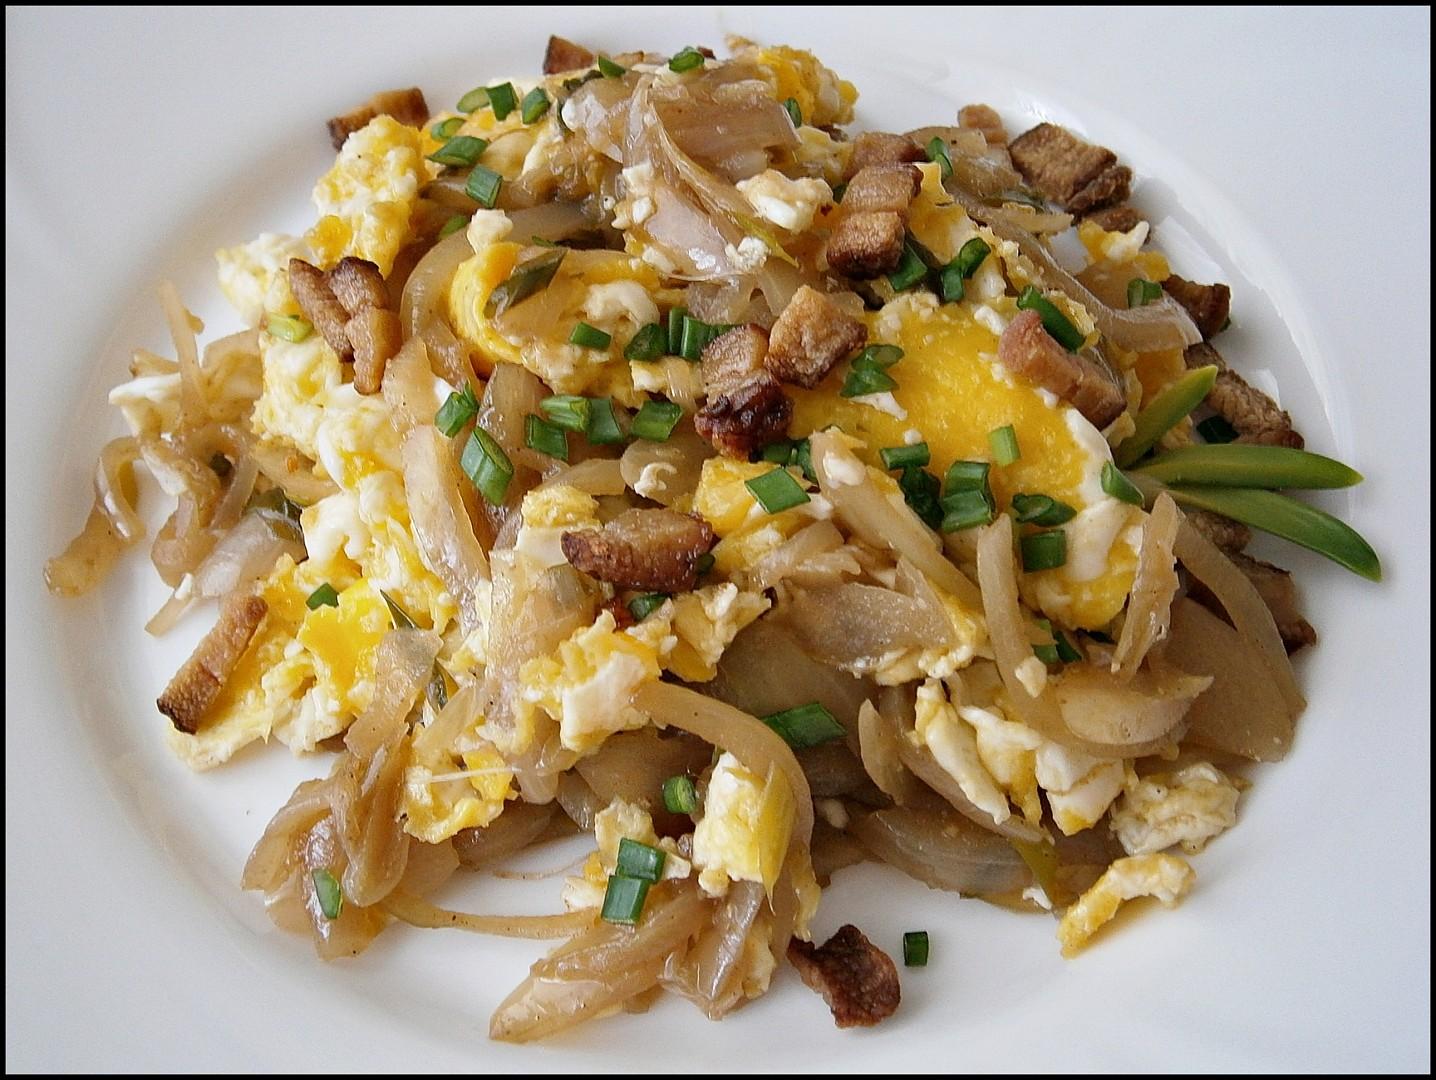 Cibule s míchanými vejci